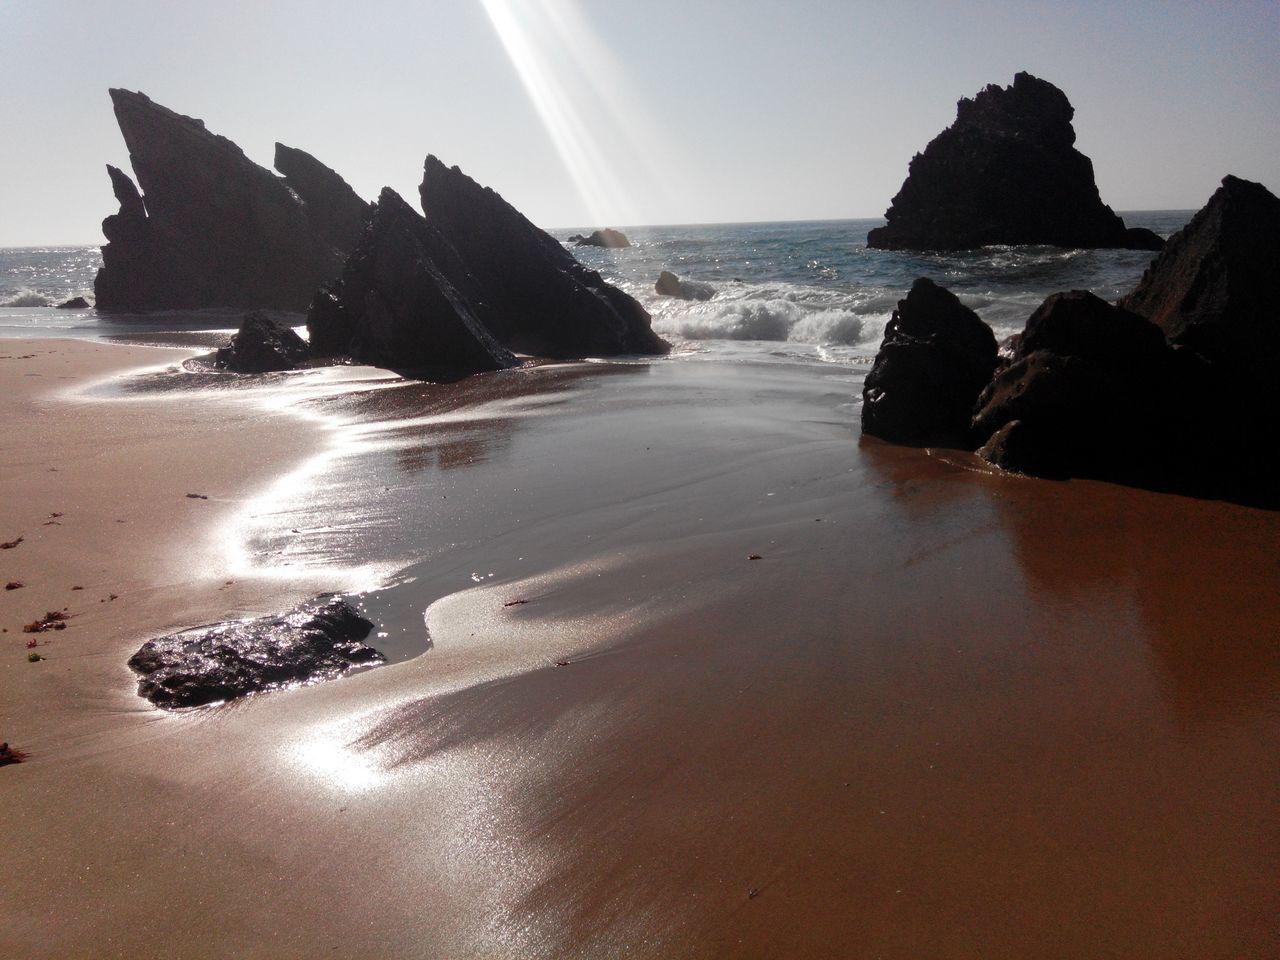 Adraga Praia Da Adraga Beachsand Beach Beachview Beachphotography Rockssilhouette Beachrocks Beach Time BeachSilhouette